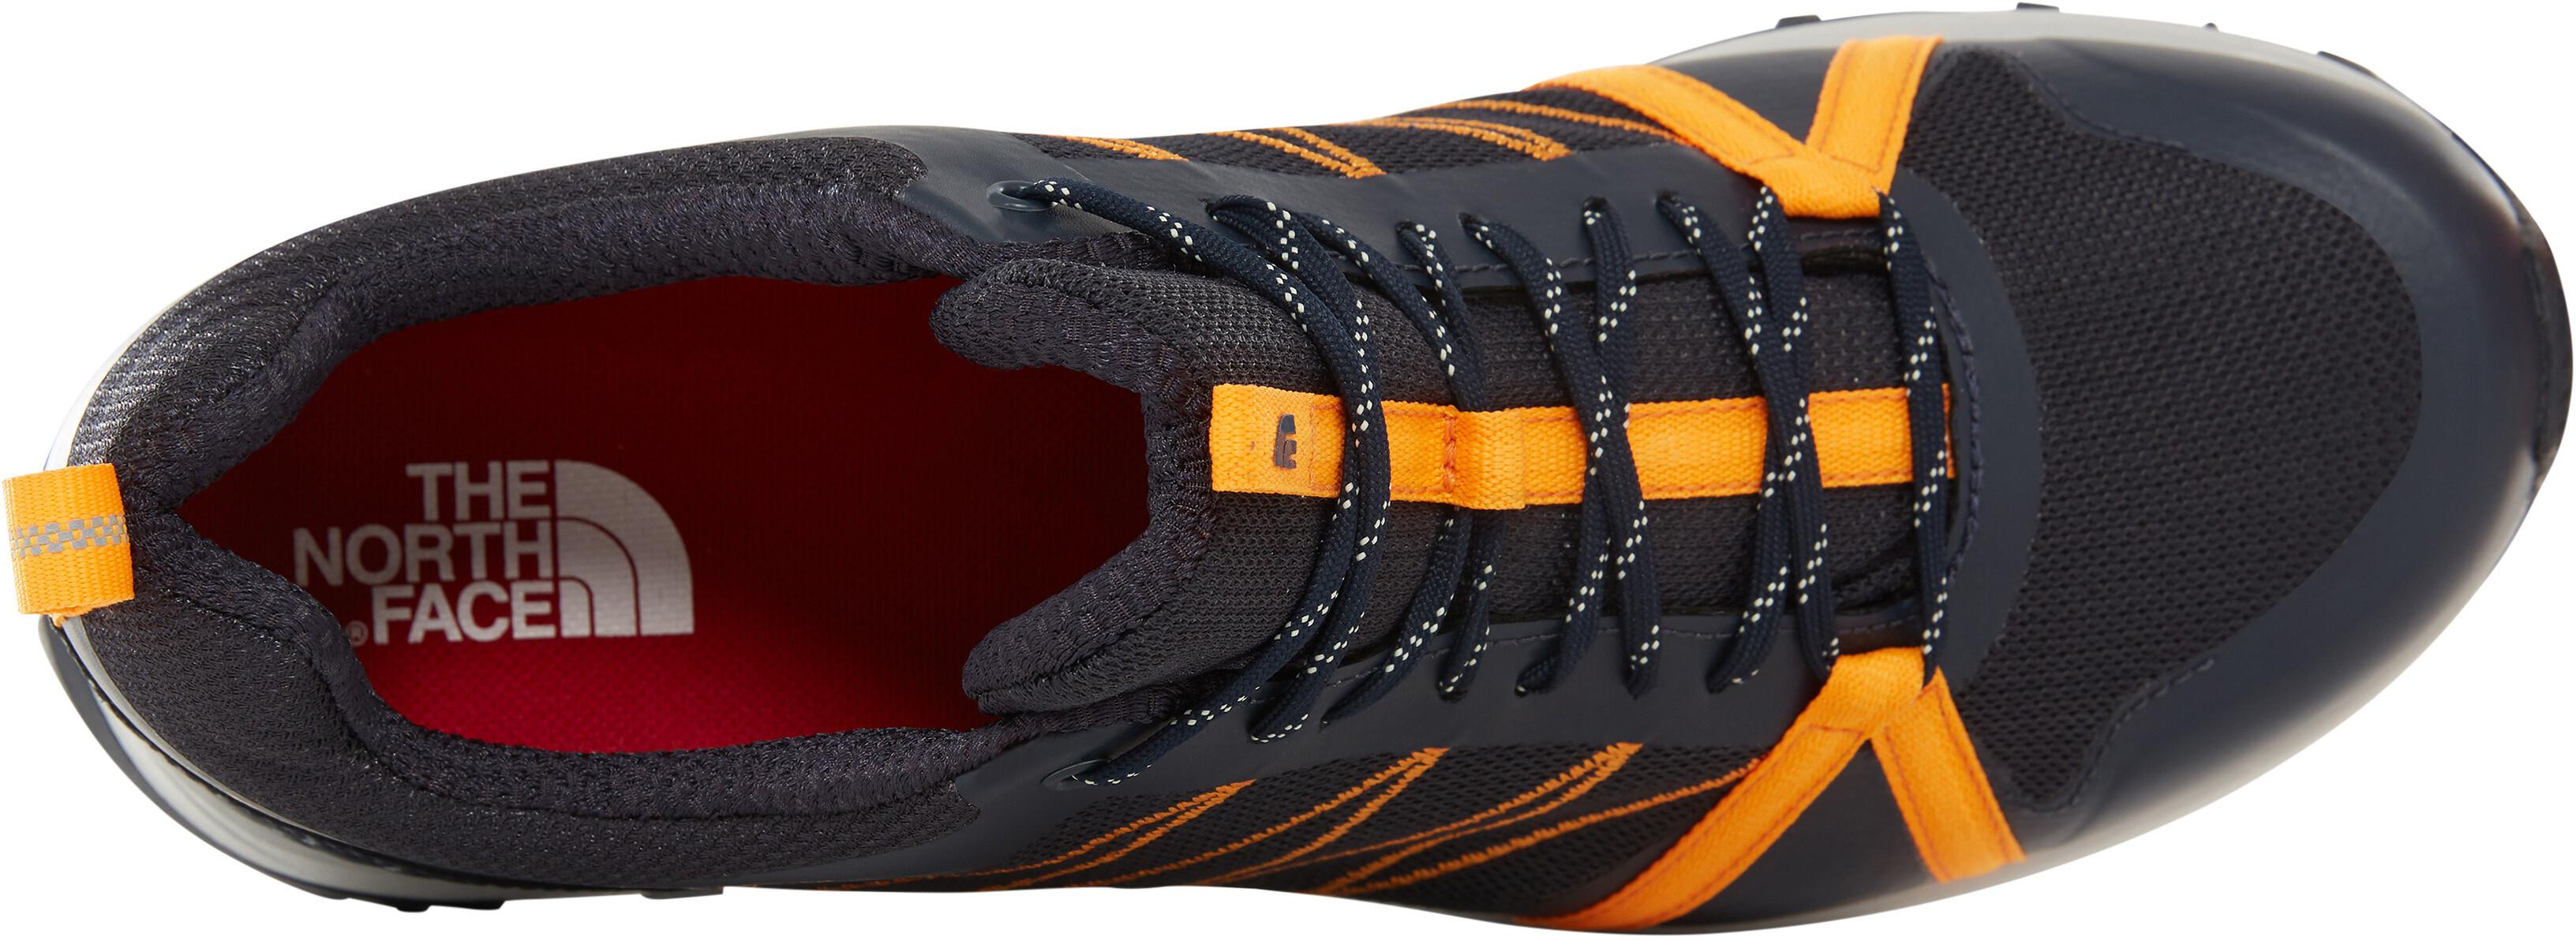 7d736141220b0 The North Face Litewave Fastpack II GTX Shoes Men orange blue at ...